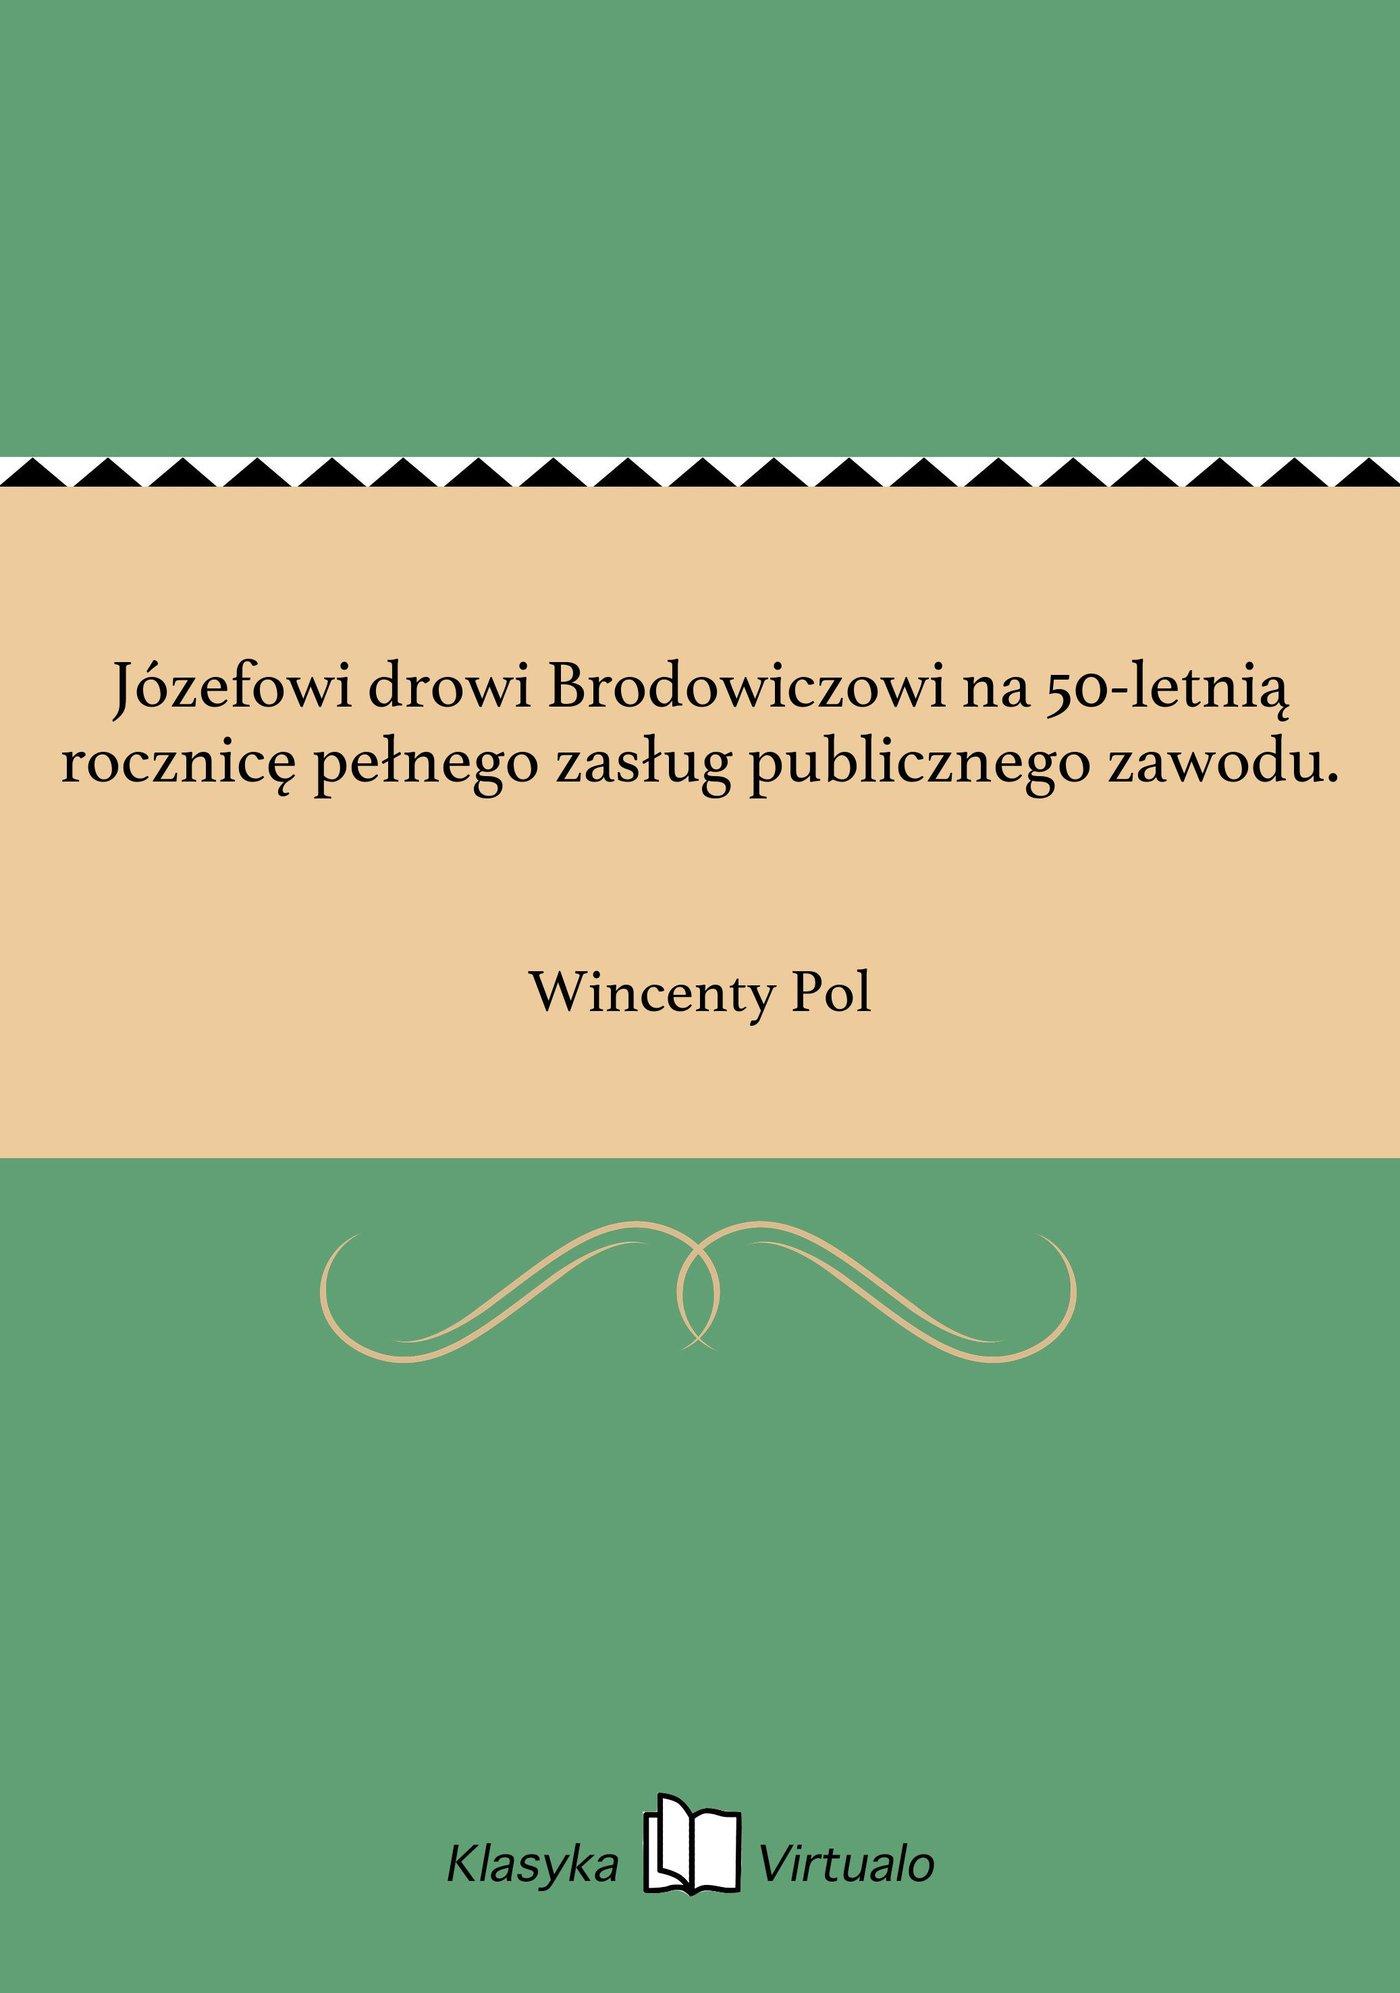 Józefowi drowi Brodowiczowi na 50-letnią rocznicę pełnego zasług publicznego zawodu. - Ebook (Książka na Kindle) do pobrania w formacie MOBI